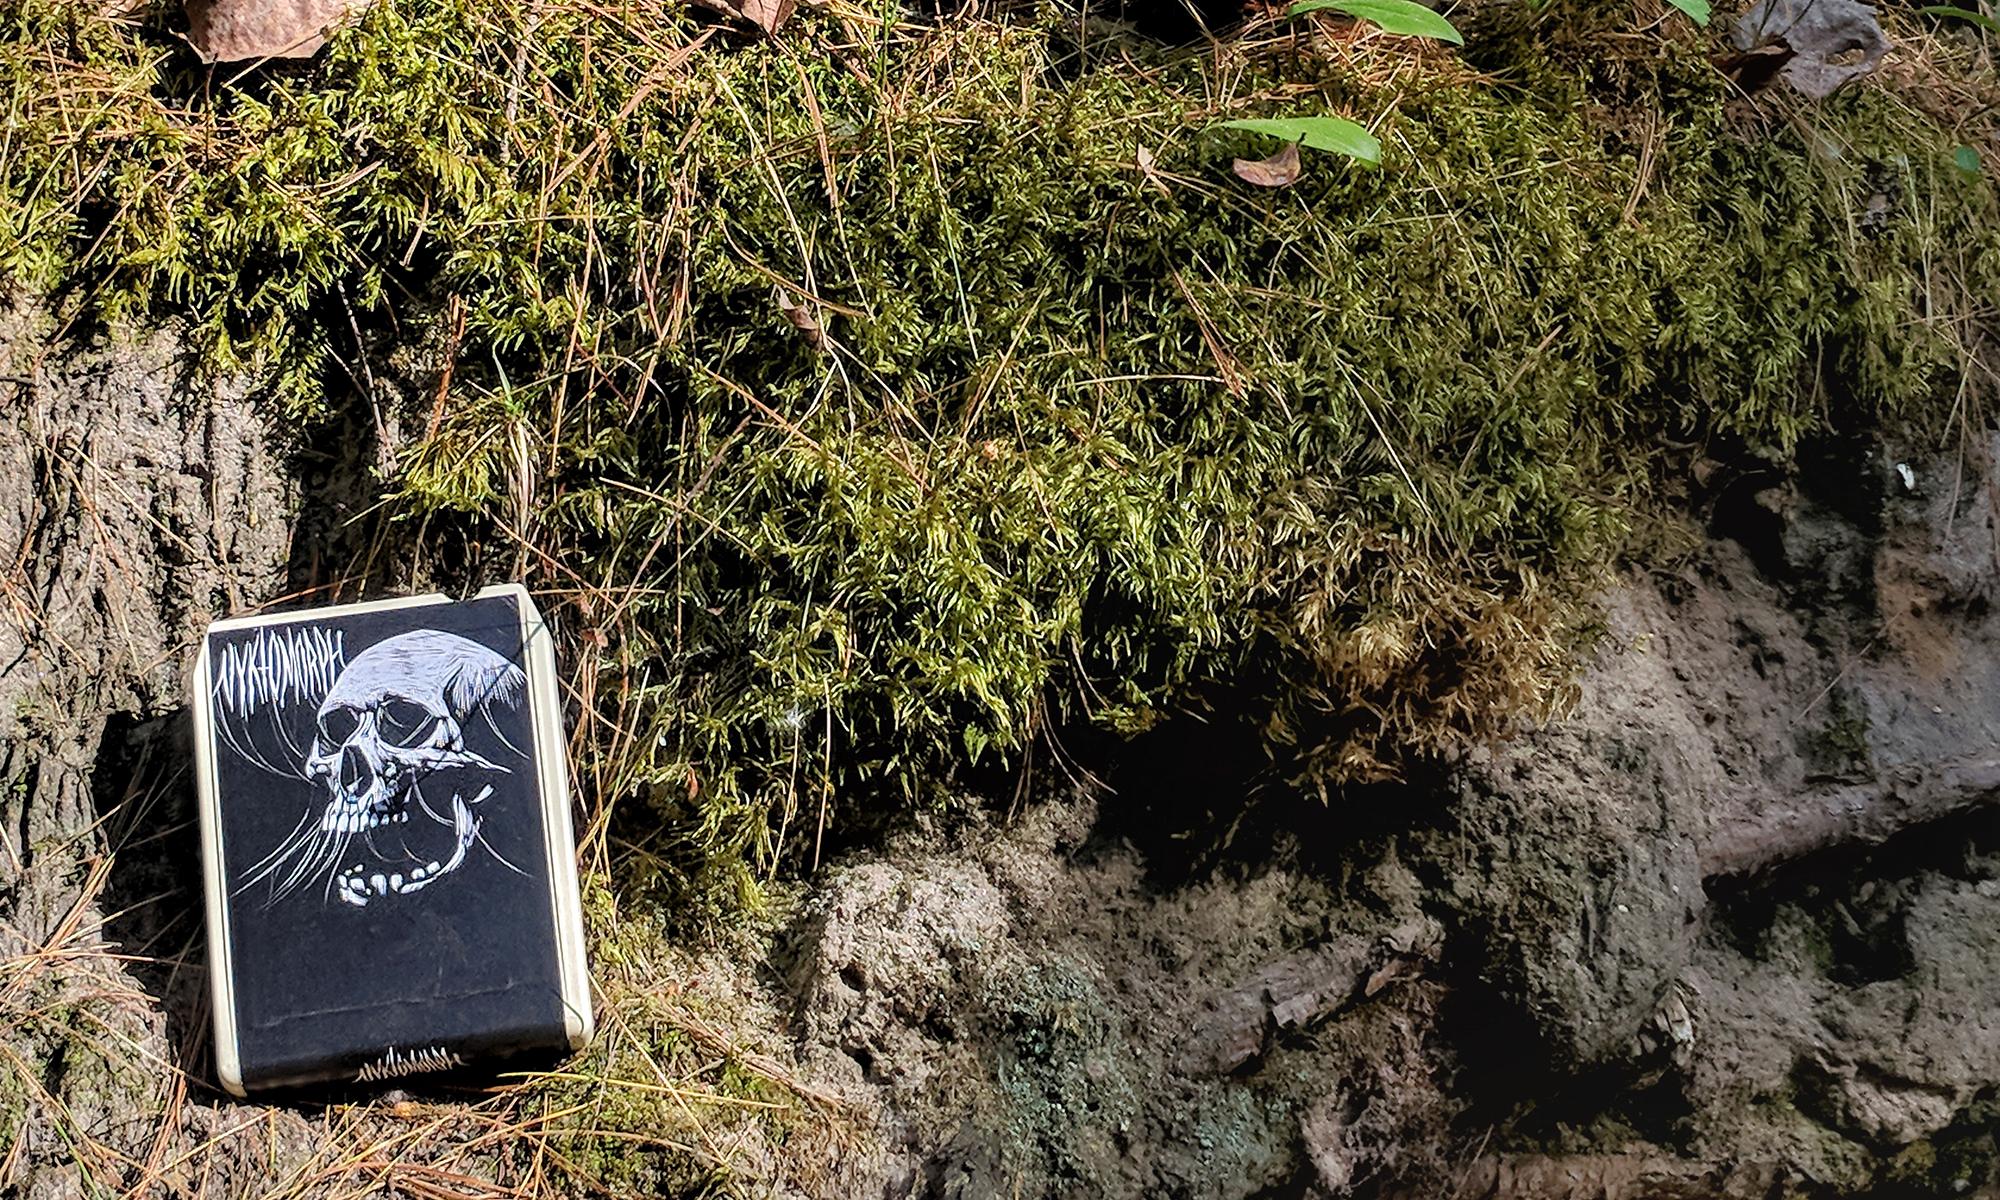 Nyktomorph 8-Track In Forest